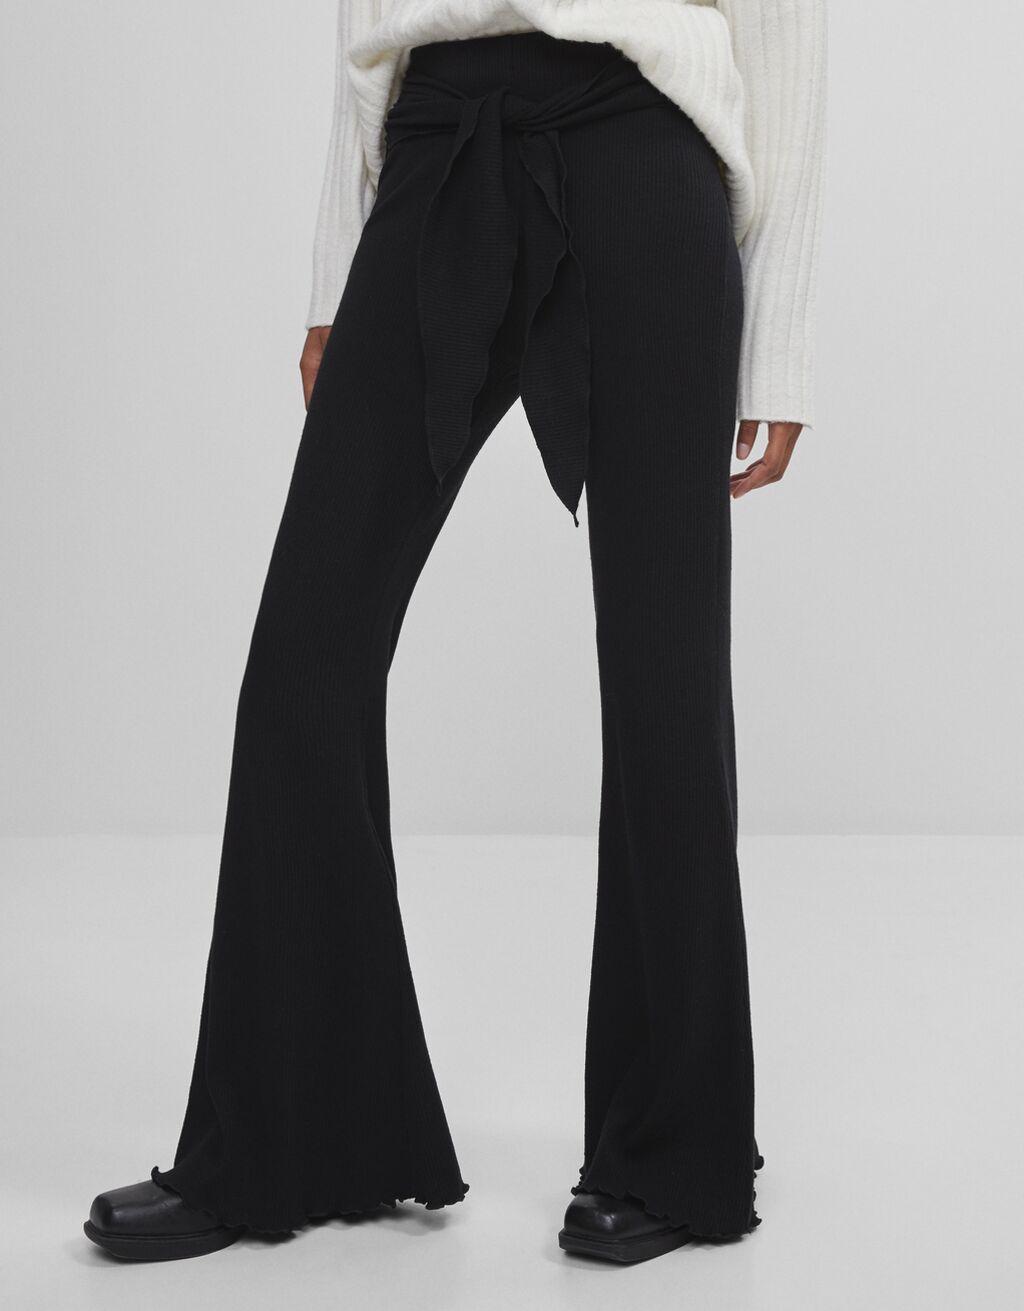 Pantaloni flare fiocco